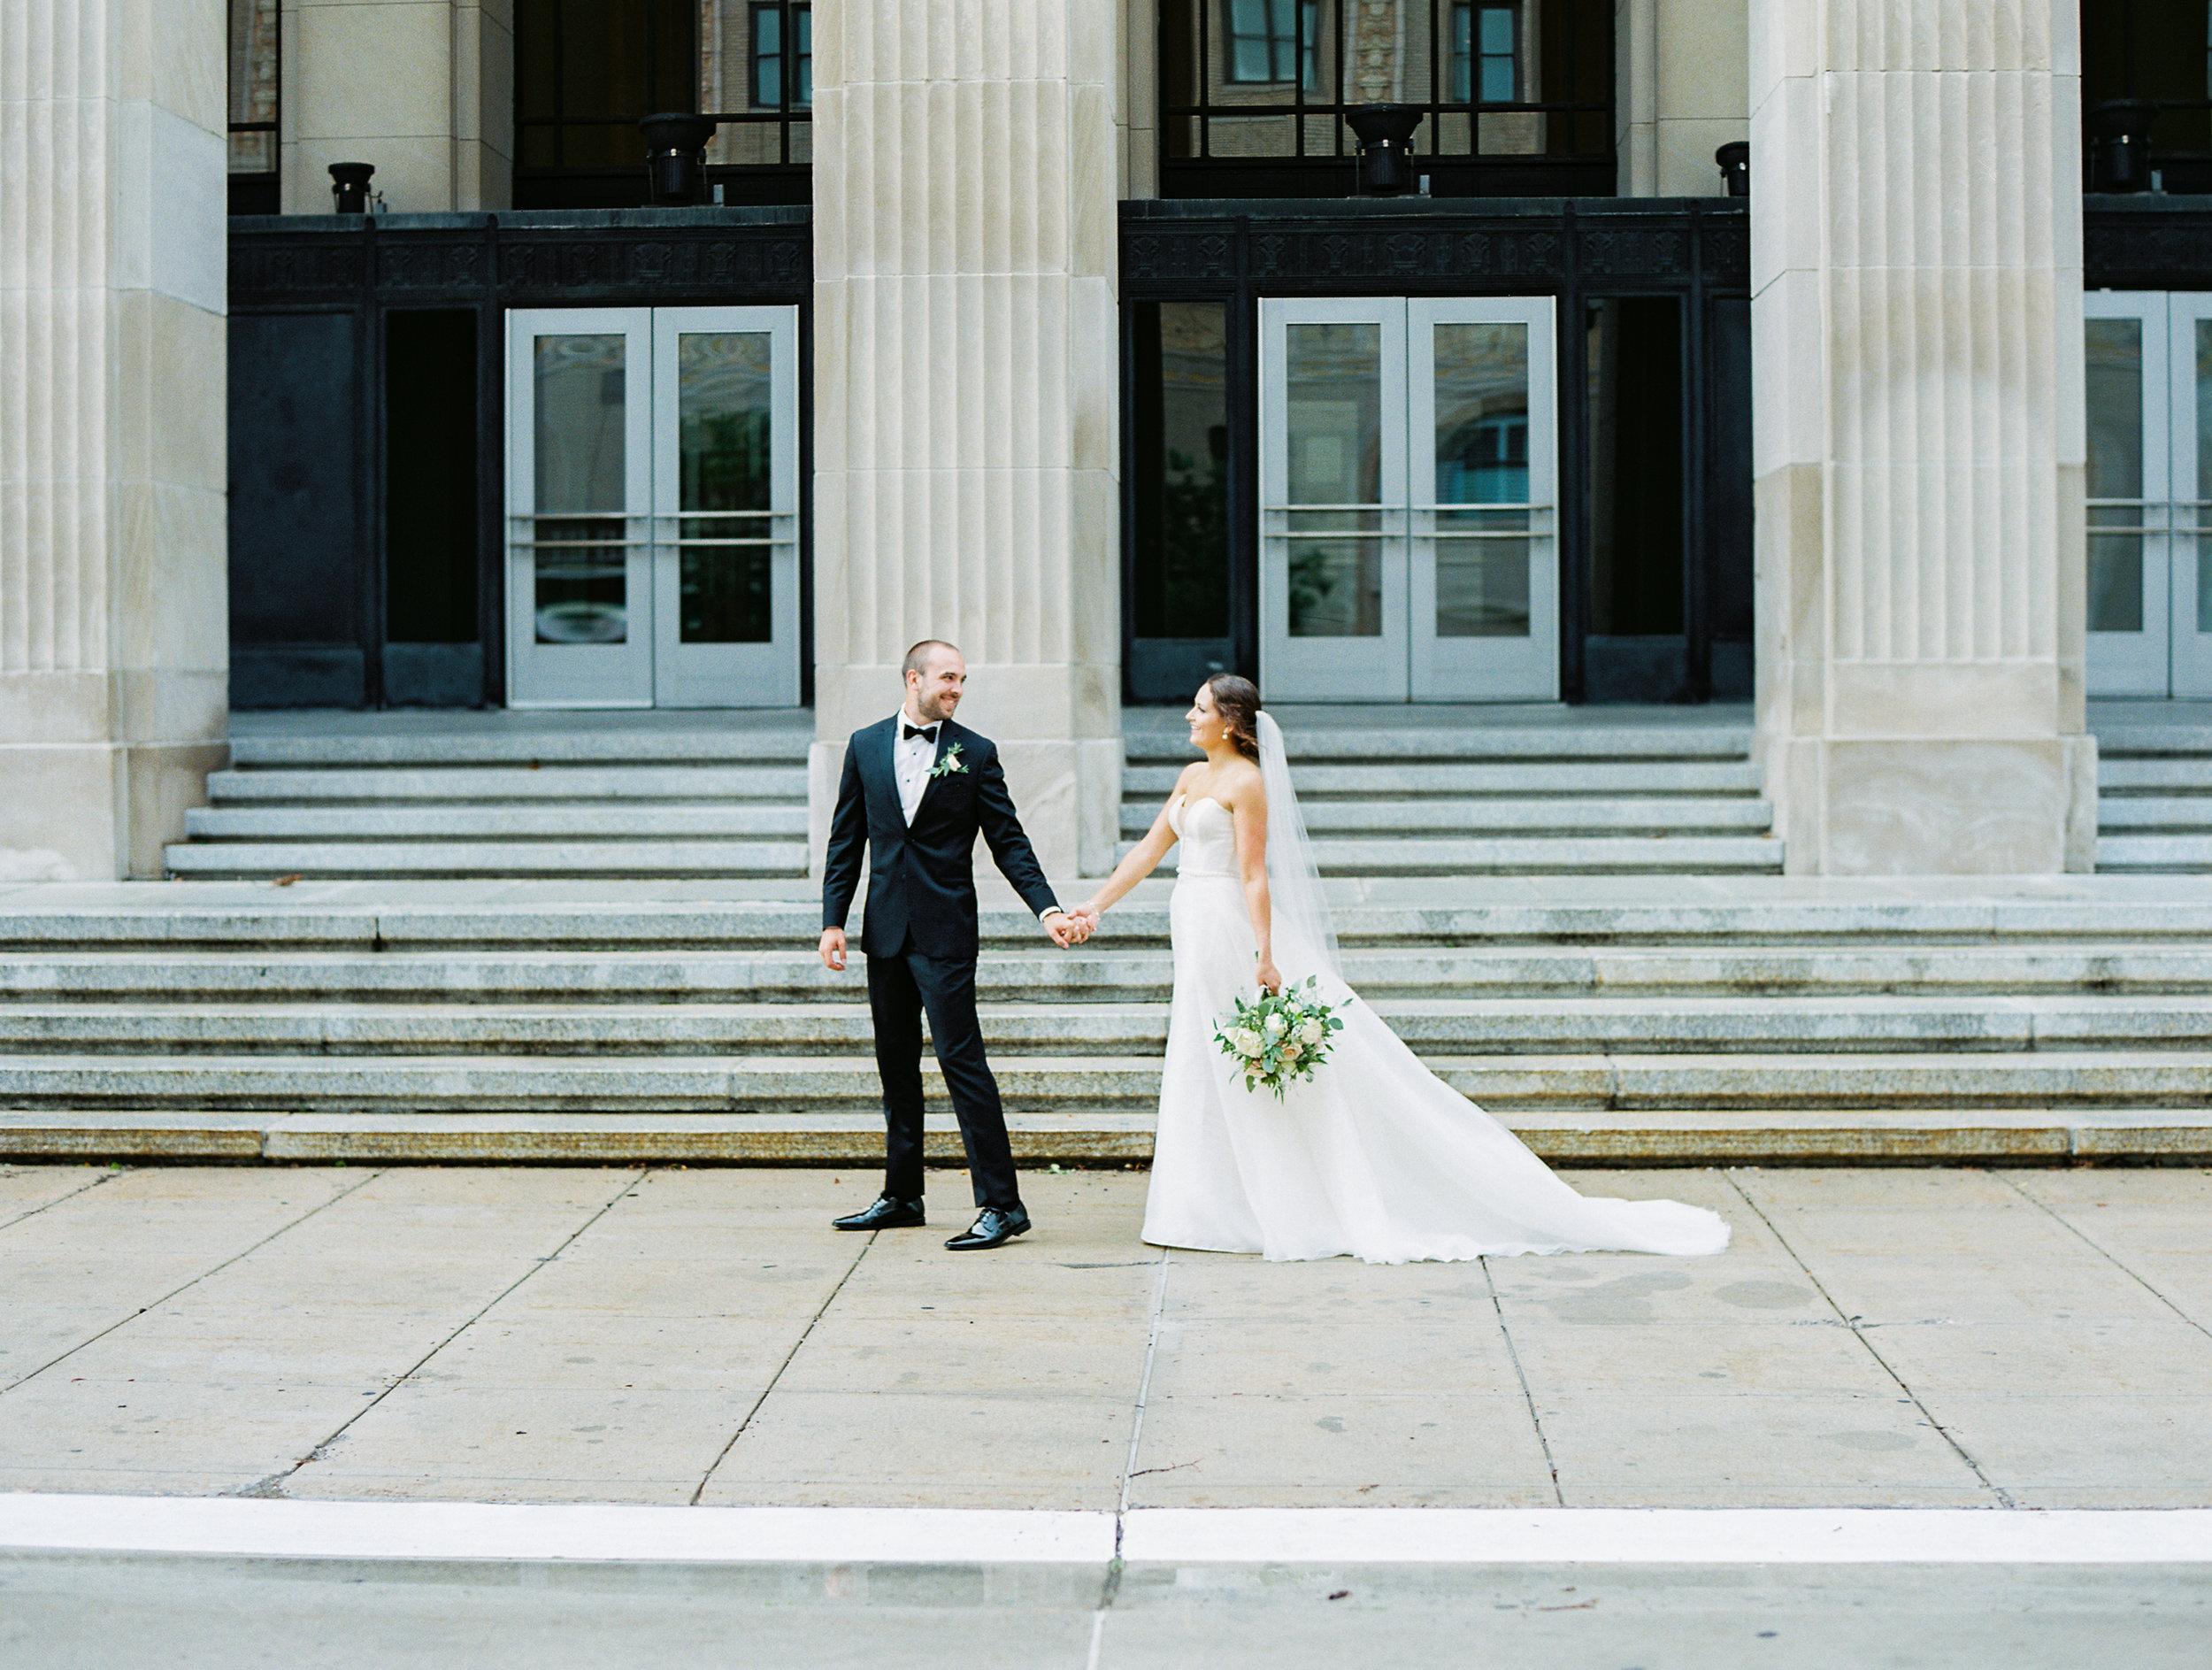 Steiner+Wedding+Bridal+Party-65.jpg